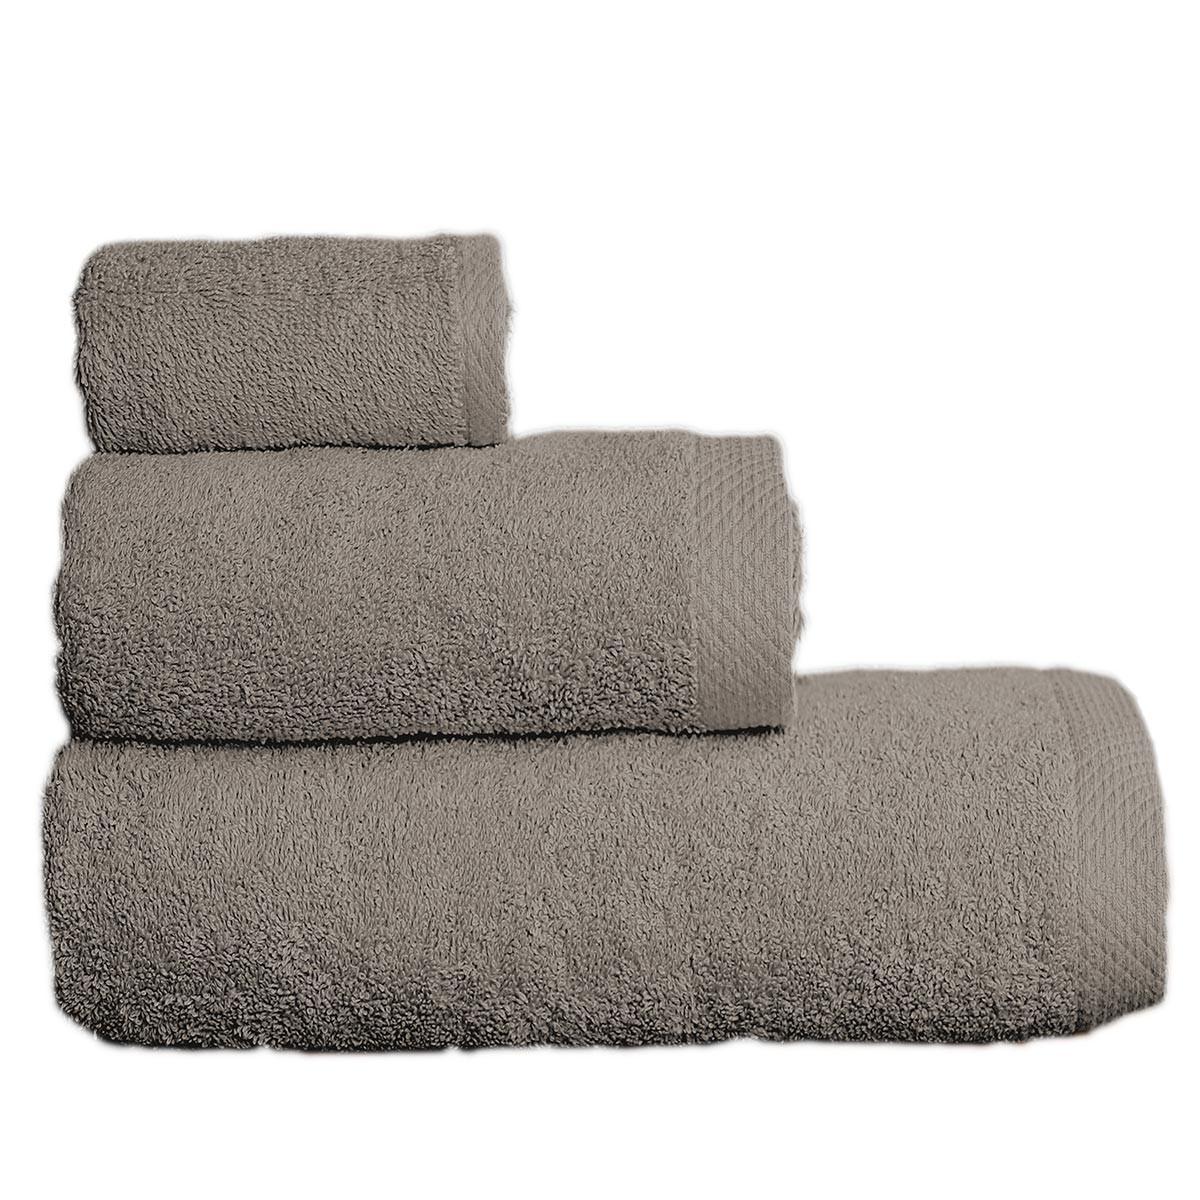 Πετσέτες Μπάνιου (Σετ 3τμχ) Maison Blanche 866099 Γκρι